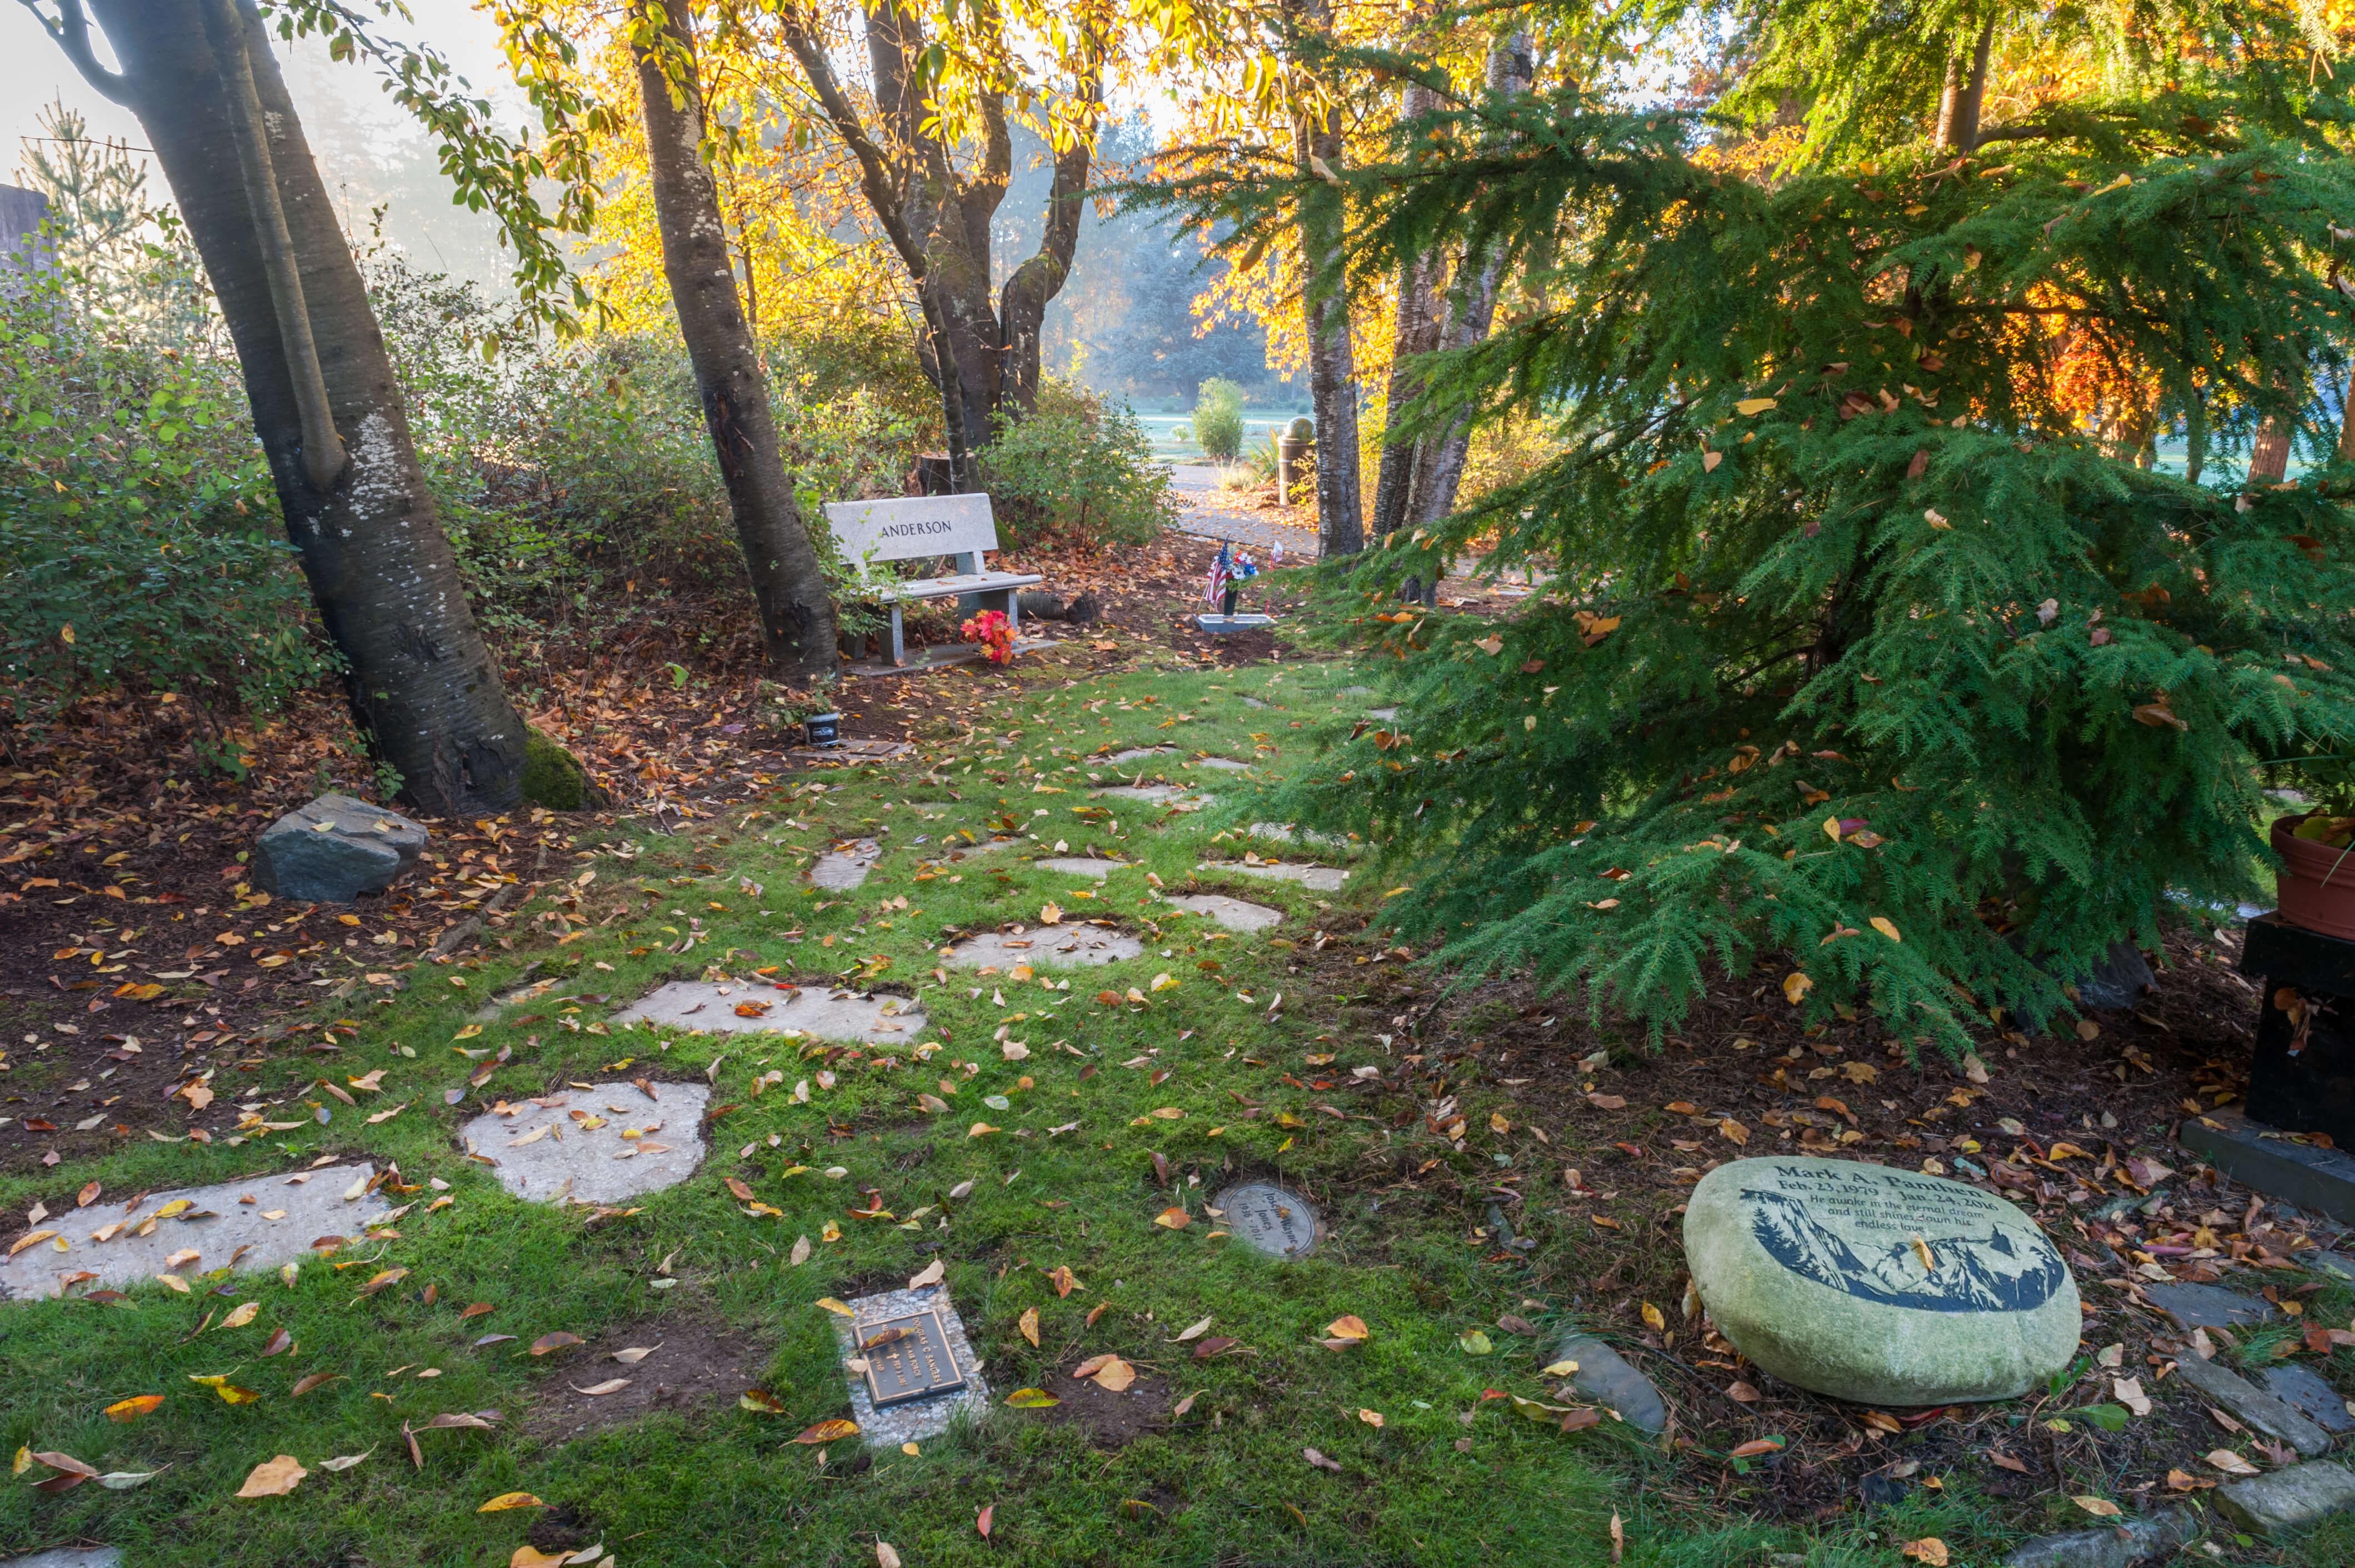 Memorial Stone Celebrant Services